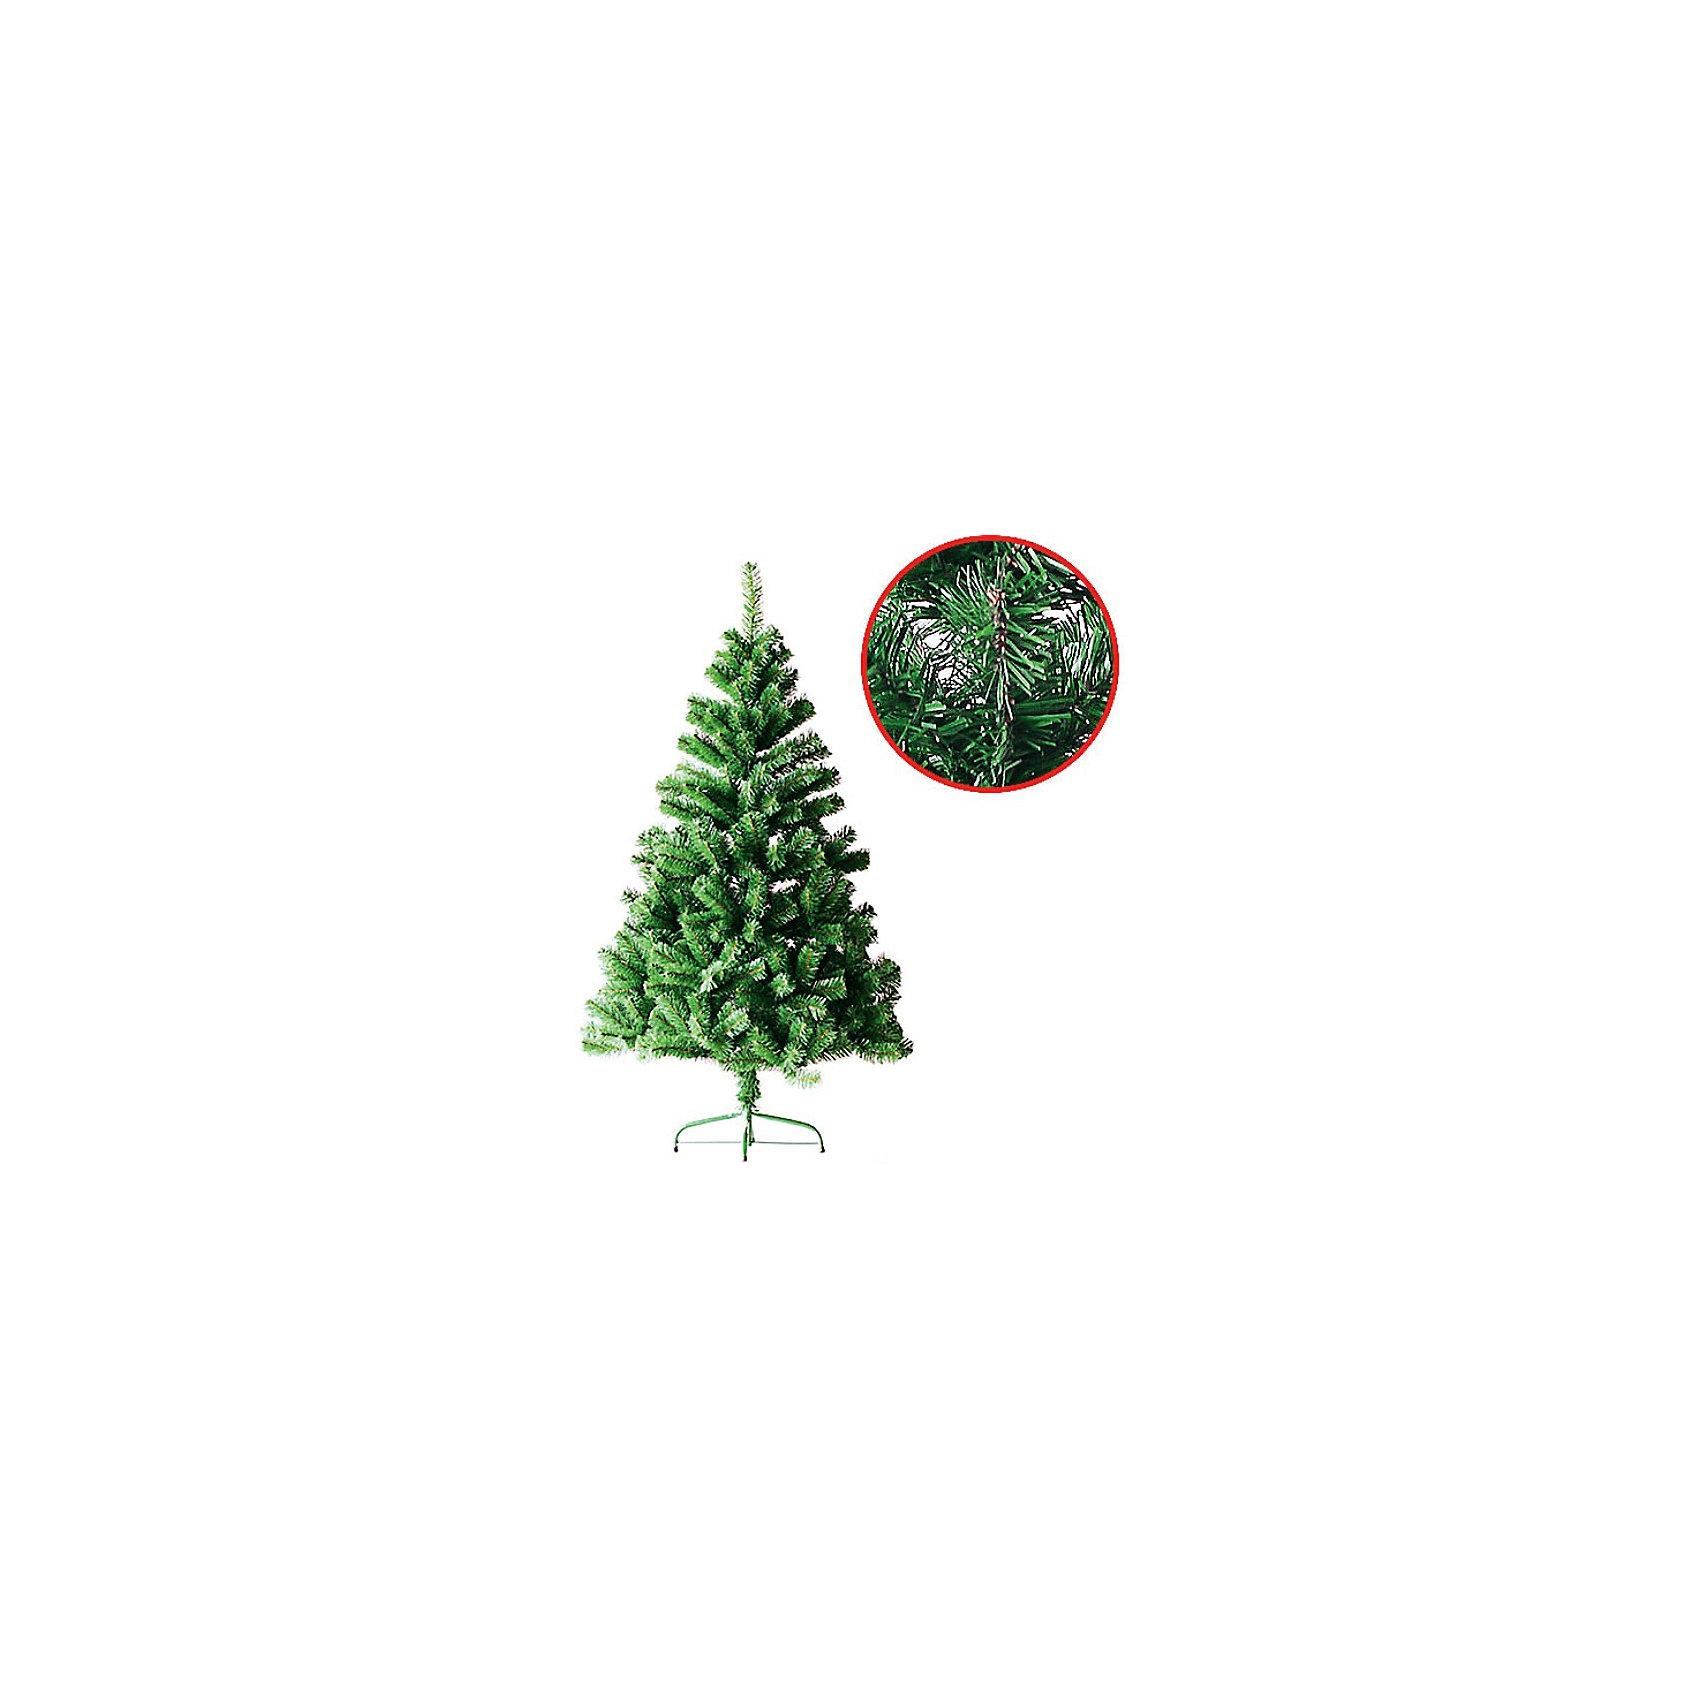 Ель зеленая, 150см, 400 веток, металлическая подставка, TUKZARВсё для праздника<br>Ель зеленая, Tukzar (Тукзар) станет замечательным украшением Вашего интерьера и отличной альтернативой для тех, кто не хочет покупать живую елку. Нарядная детализированная елочка с 400 ветками и пышной хвоей выглядит как настоящая живая ель, она порадует и взрослых и детей и создаст волшебную атмосферу новогодних праздников. Елочка легко собирается их двух секций с прочным металлическим основанием, имеется металлическая подставка.  <br><br>Дополнительная информация:<br><br>- Высота ели: 150 см.<br><br>Ель зеленую, Tukzar (Тукзар) можно купить в нашем интернет-магазине.<br><br>Ширина мм: 950<br>Глубина мм: 140<br>Высота мм: 160<br>Вес г: 2500<br>Возраст от месяцев: 36<br>Возраст до месяцев: 156<br>Пол: Унисекс<br>Возраст: Детский<br>SKU: 3297621